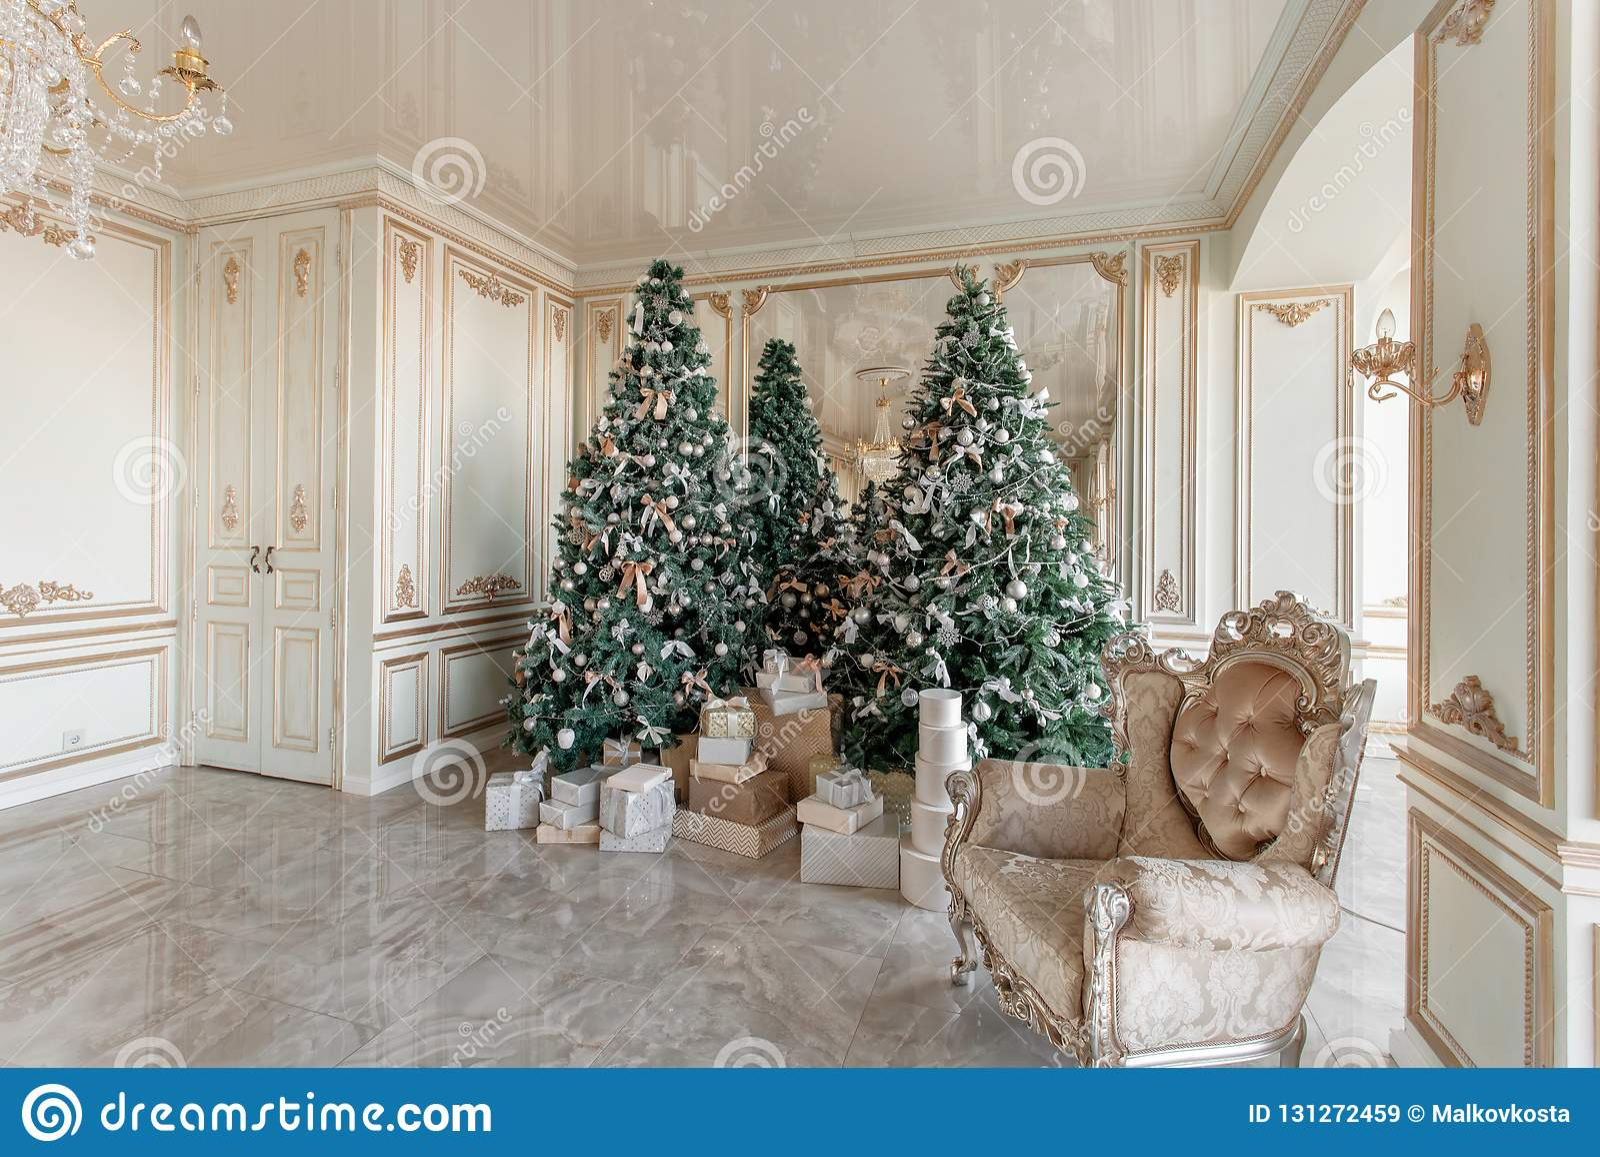 Manhã de Natal apartamentos luxuosos clássicos com a árvore de Natal decorada Grande espelho de vida do salão, cadeira, elevação